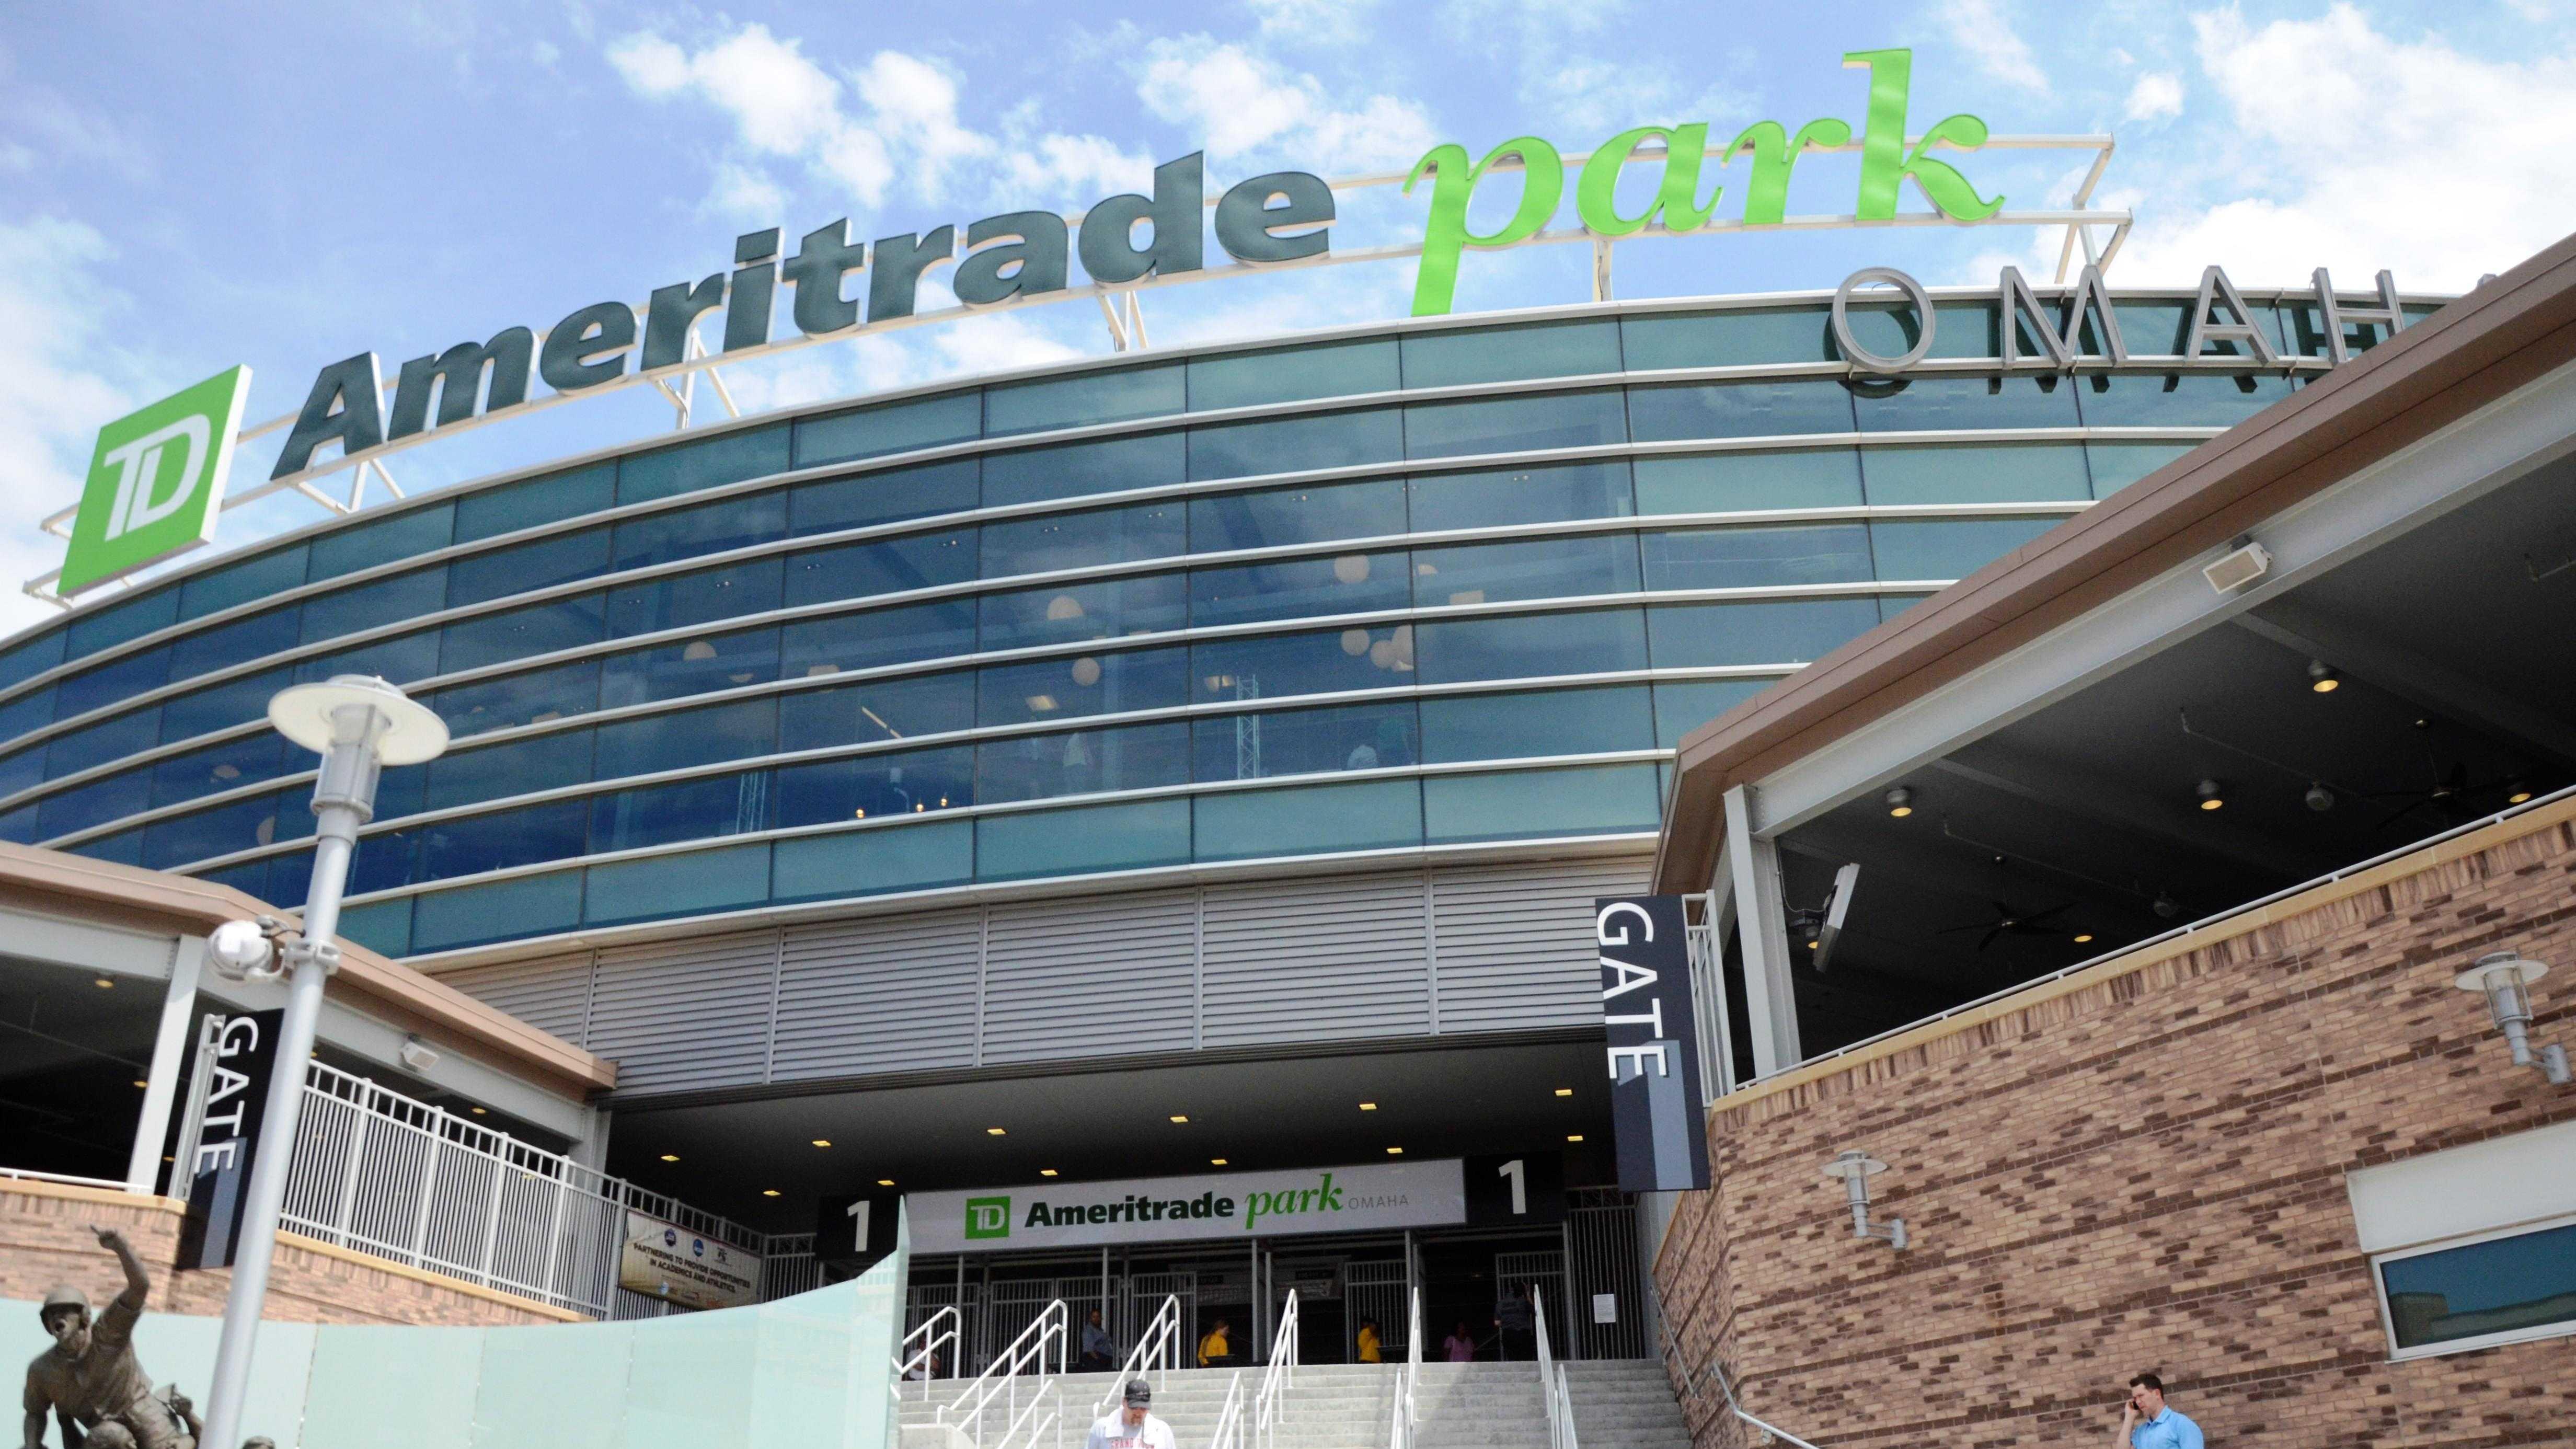 TD Ameritrade Park 6-18-13